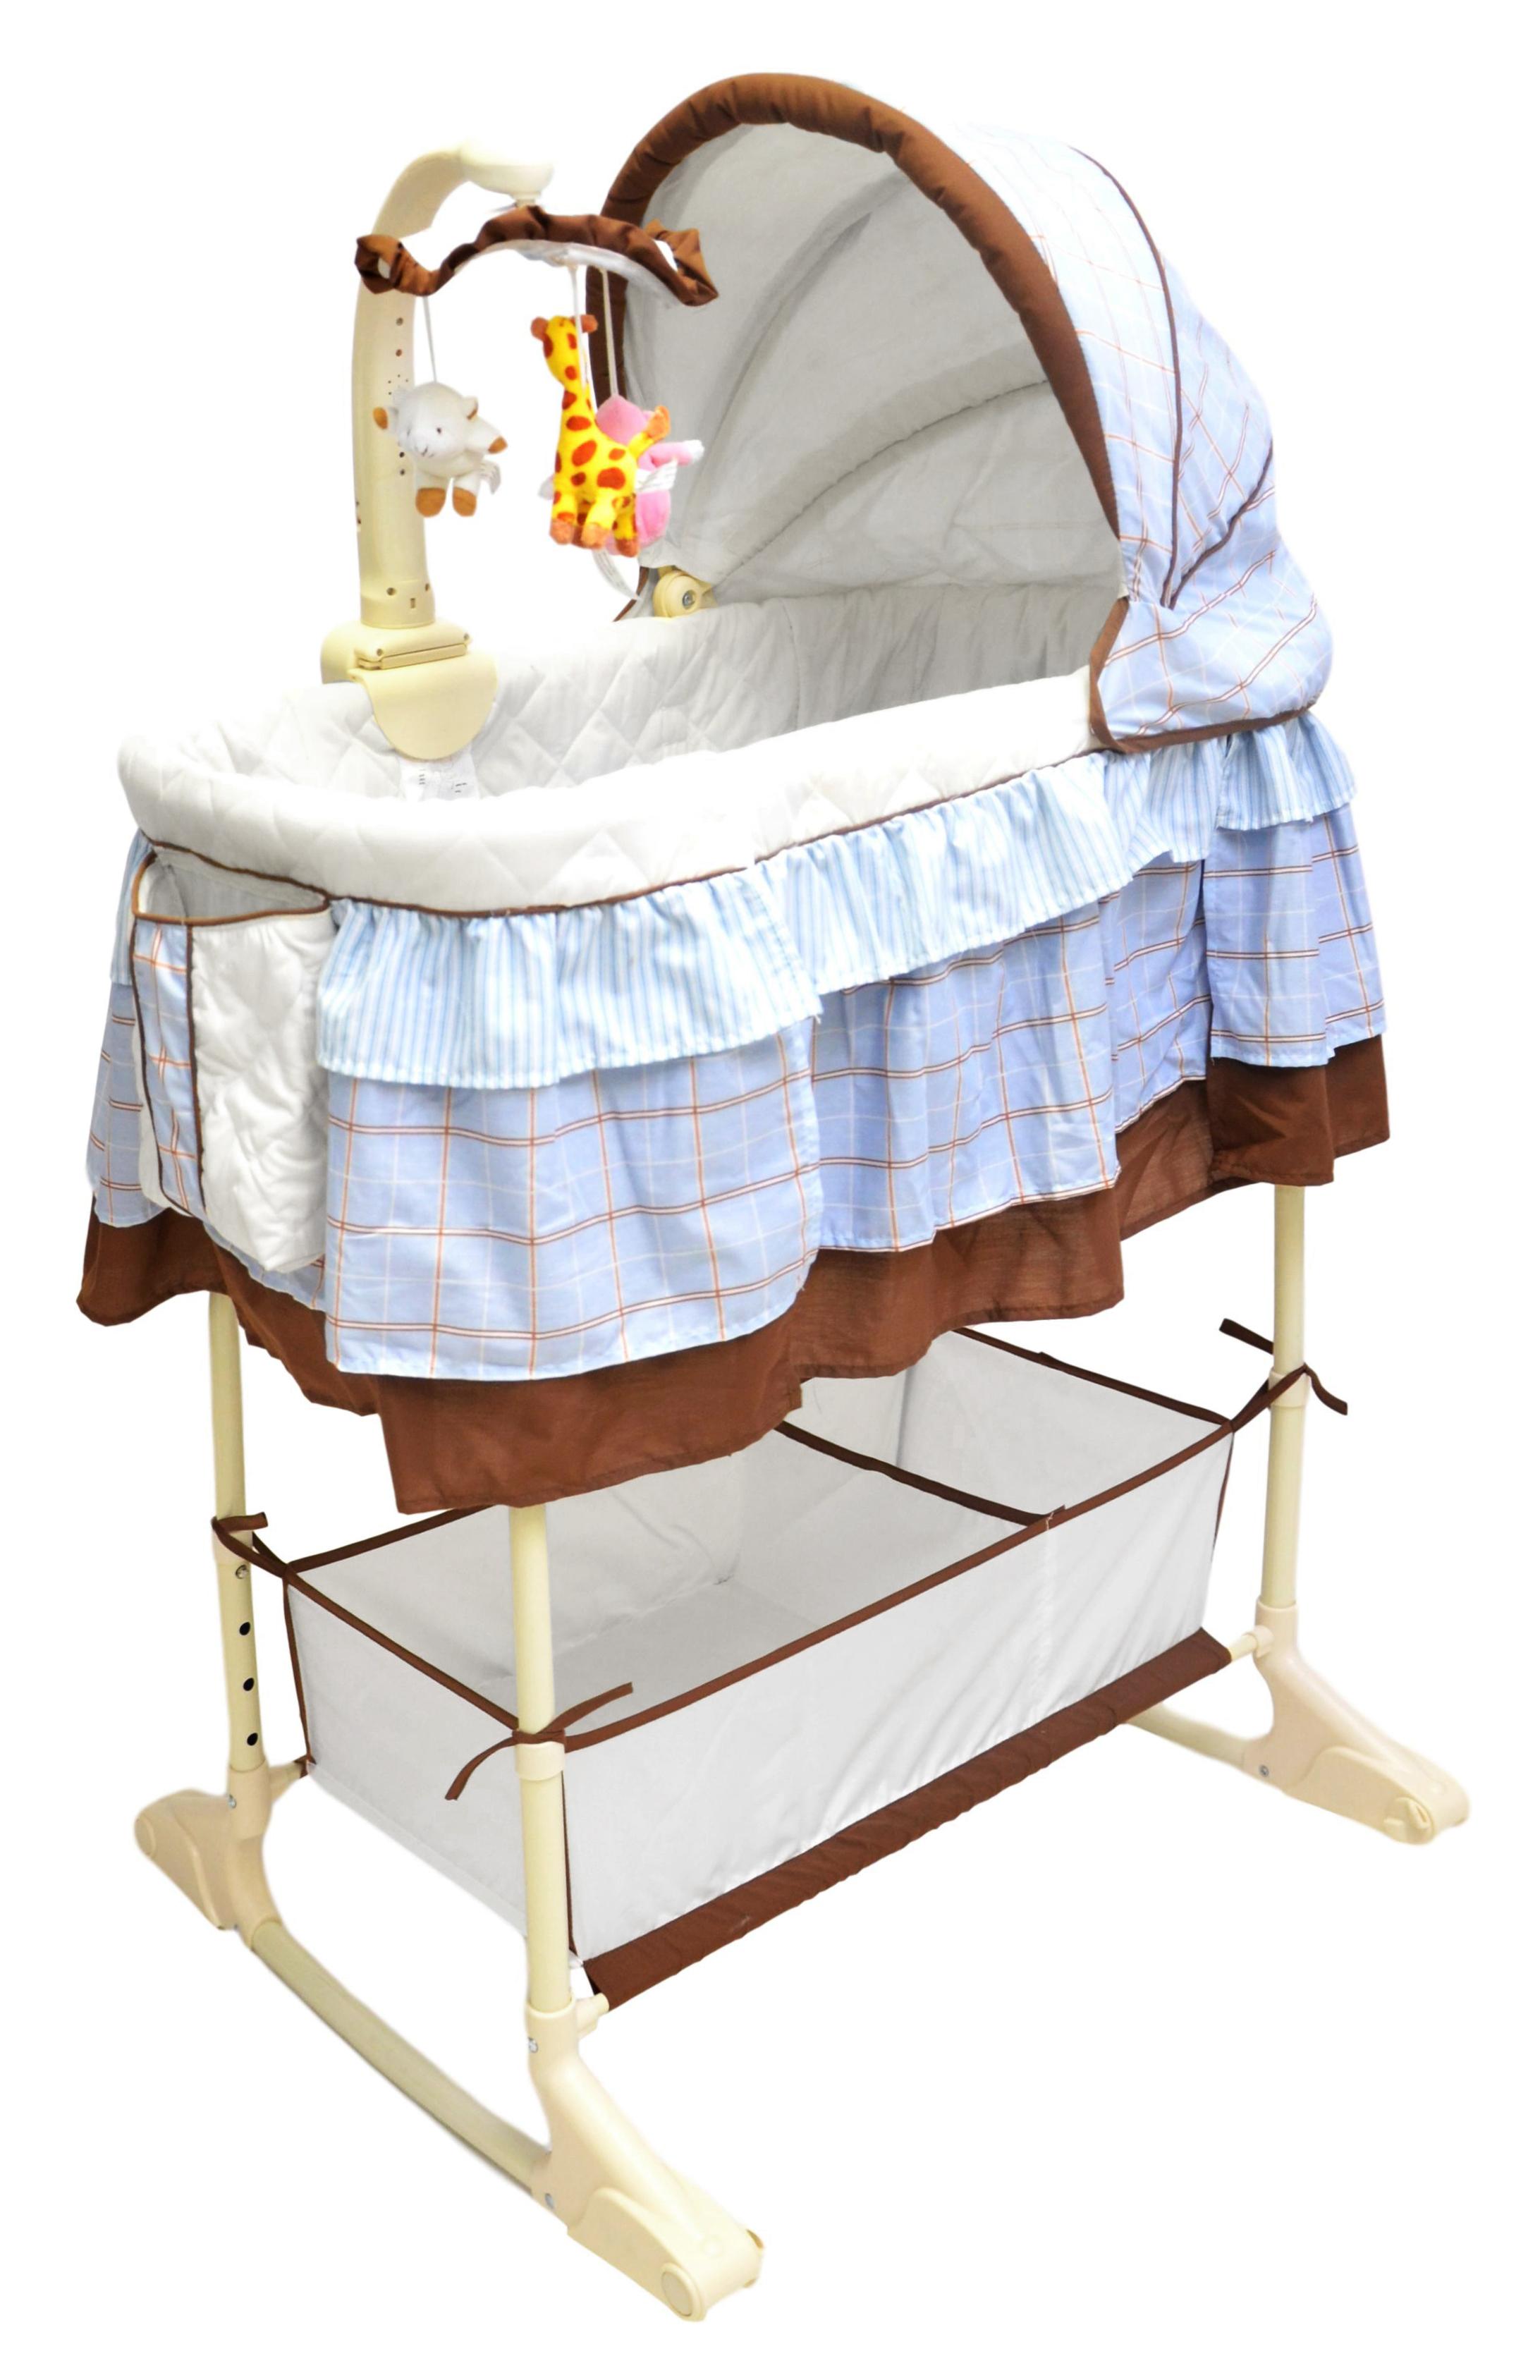 bestforkids stubenwagen babywiege babybett babyschaukel wiege mit fernbedienung ebay. Black Bedroom Furniture Sets. Home Design Ideas